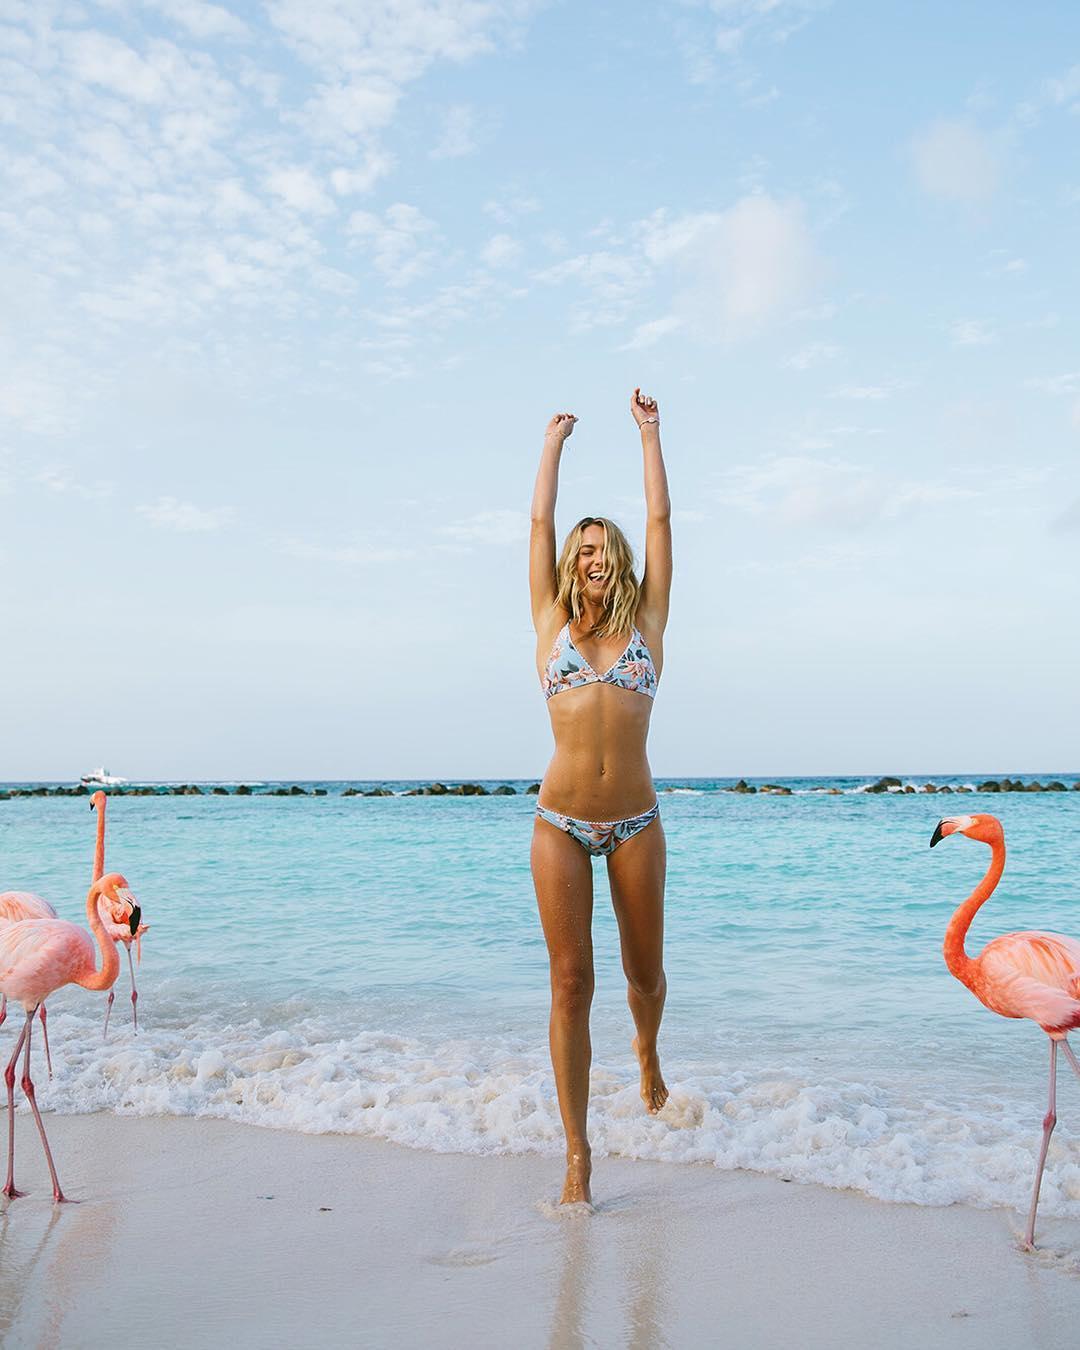 Brasileño bikini sexy traje de baño Bikini conjunto de trajes de baño Biquini traje de baño para las mujeres traje de baño Femenino partida playa H431